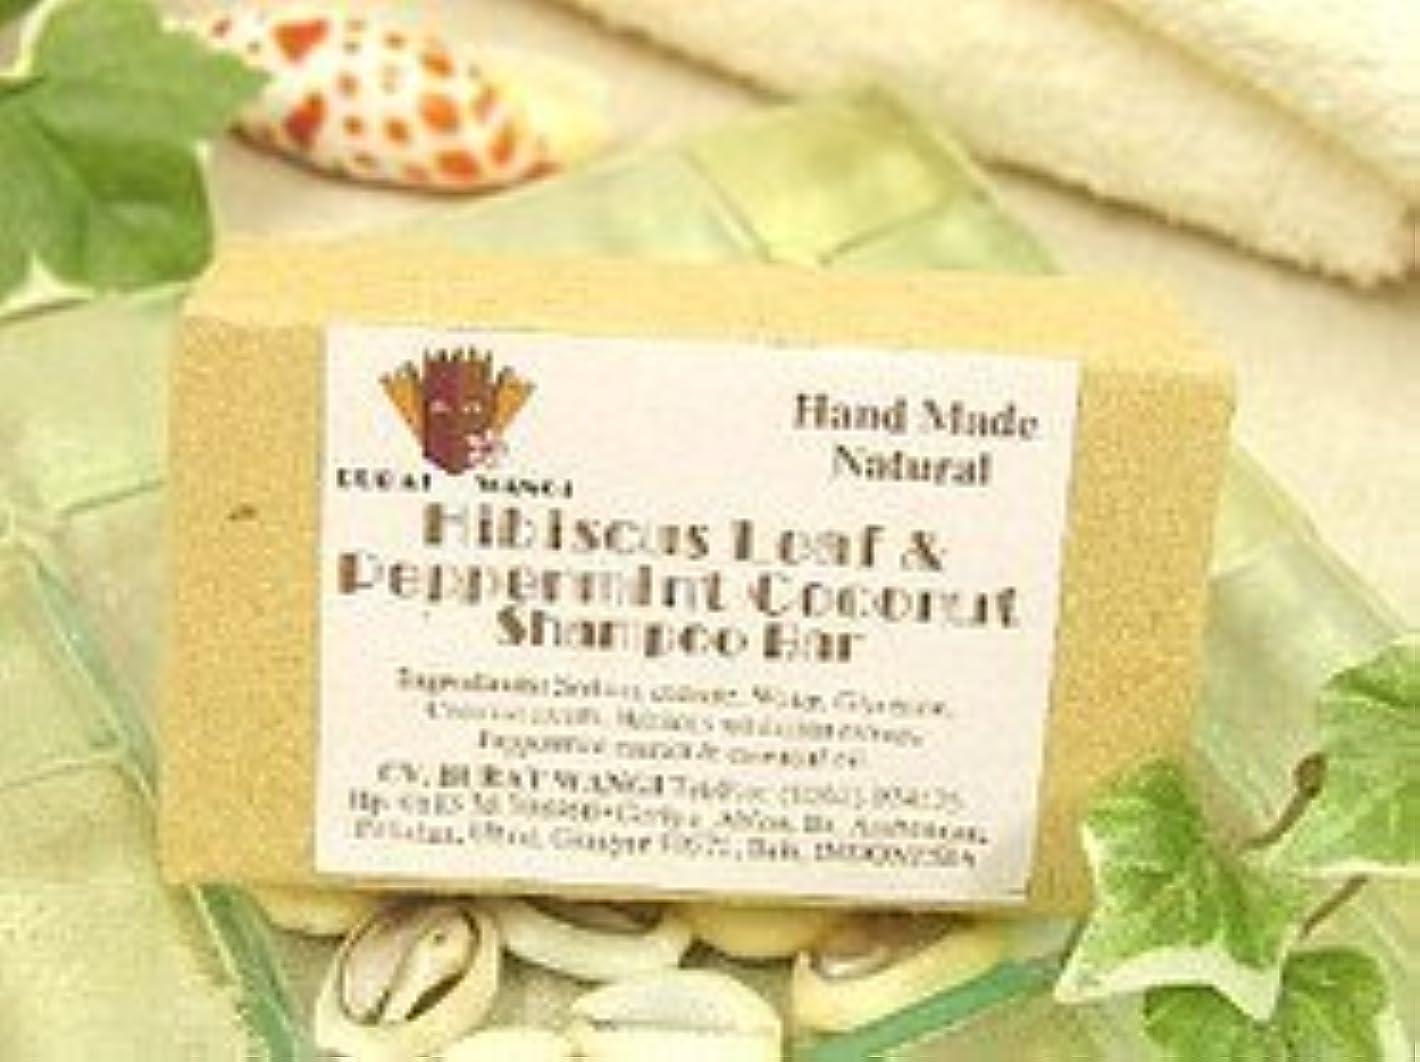 提案スラッシュスイココナッツ 石鹸 シャンプーバー ブラットワンギ 手作り 純石鹸 ハイビスカスリーフ&ペパーミント アジアン雑貨